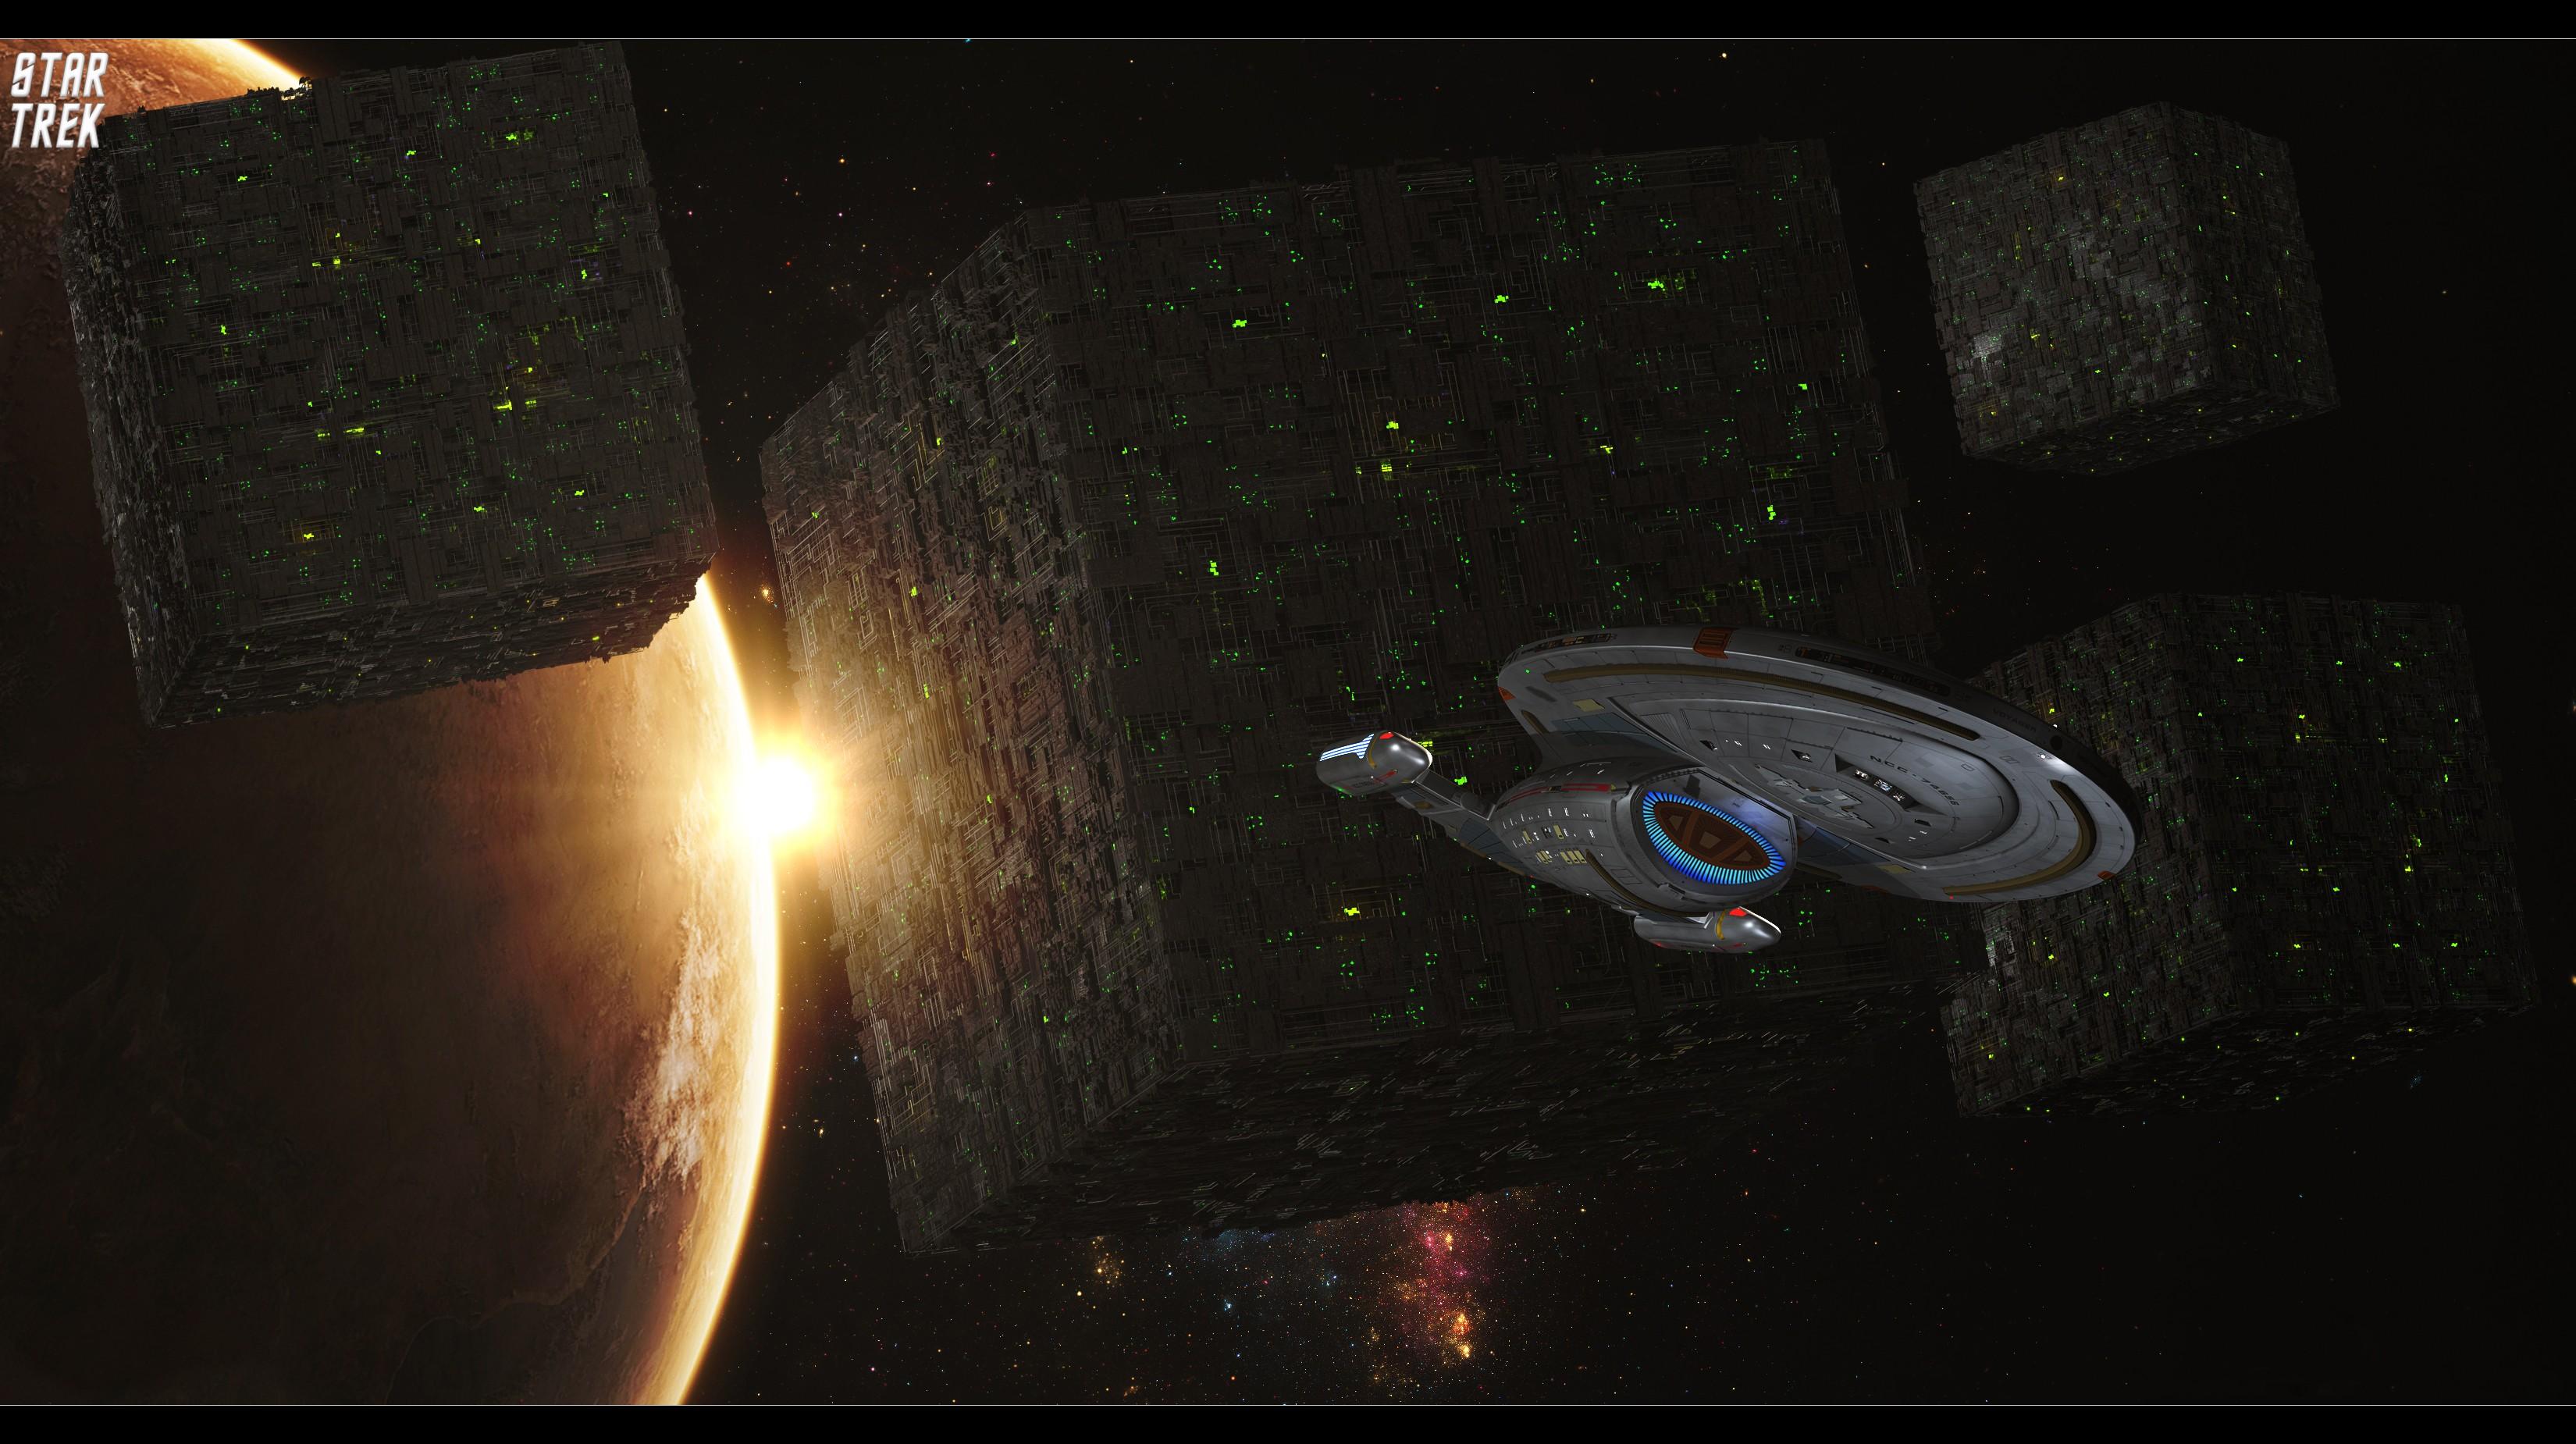 Fondos De Pantalla Star Trek Universo Medianoche Uss